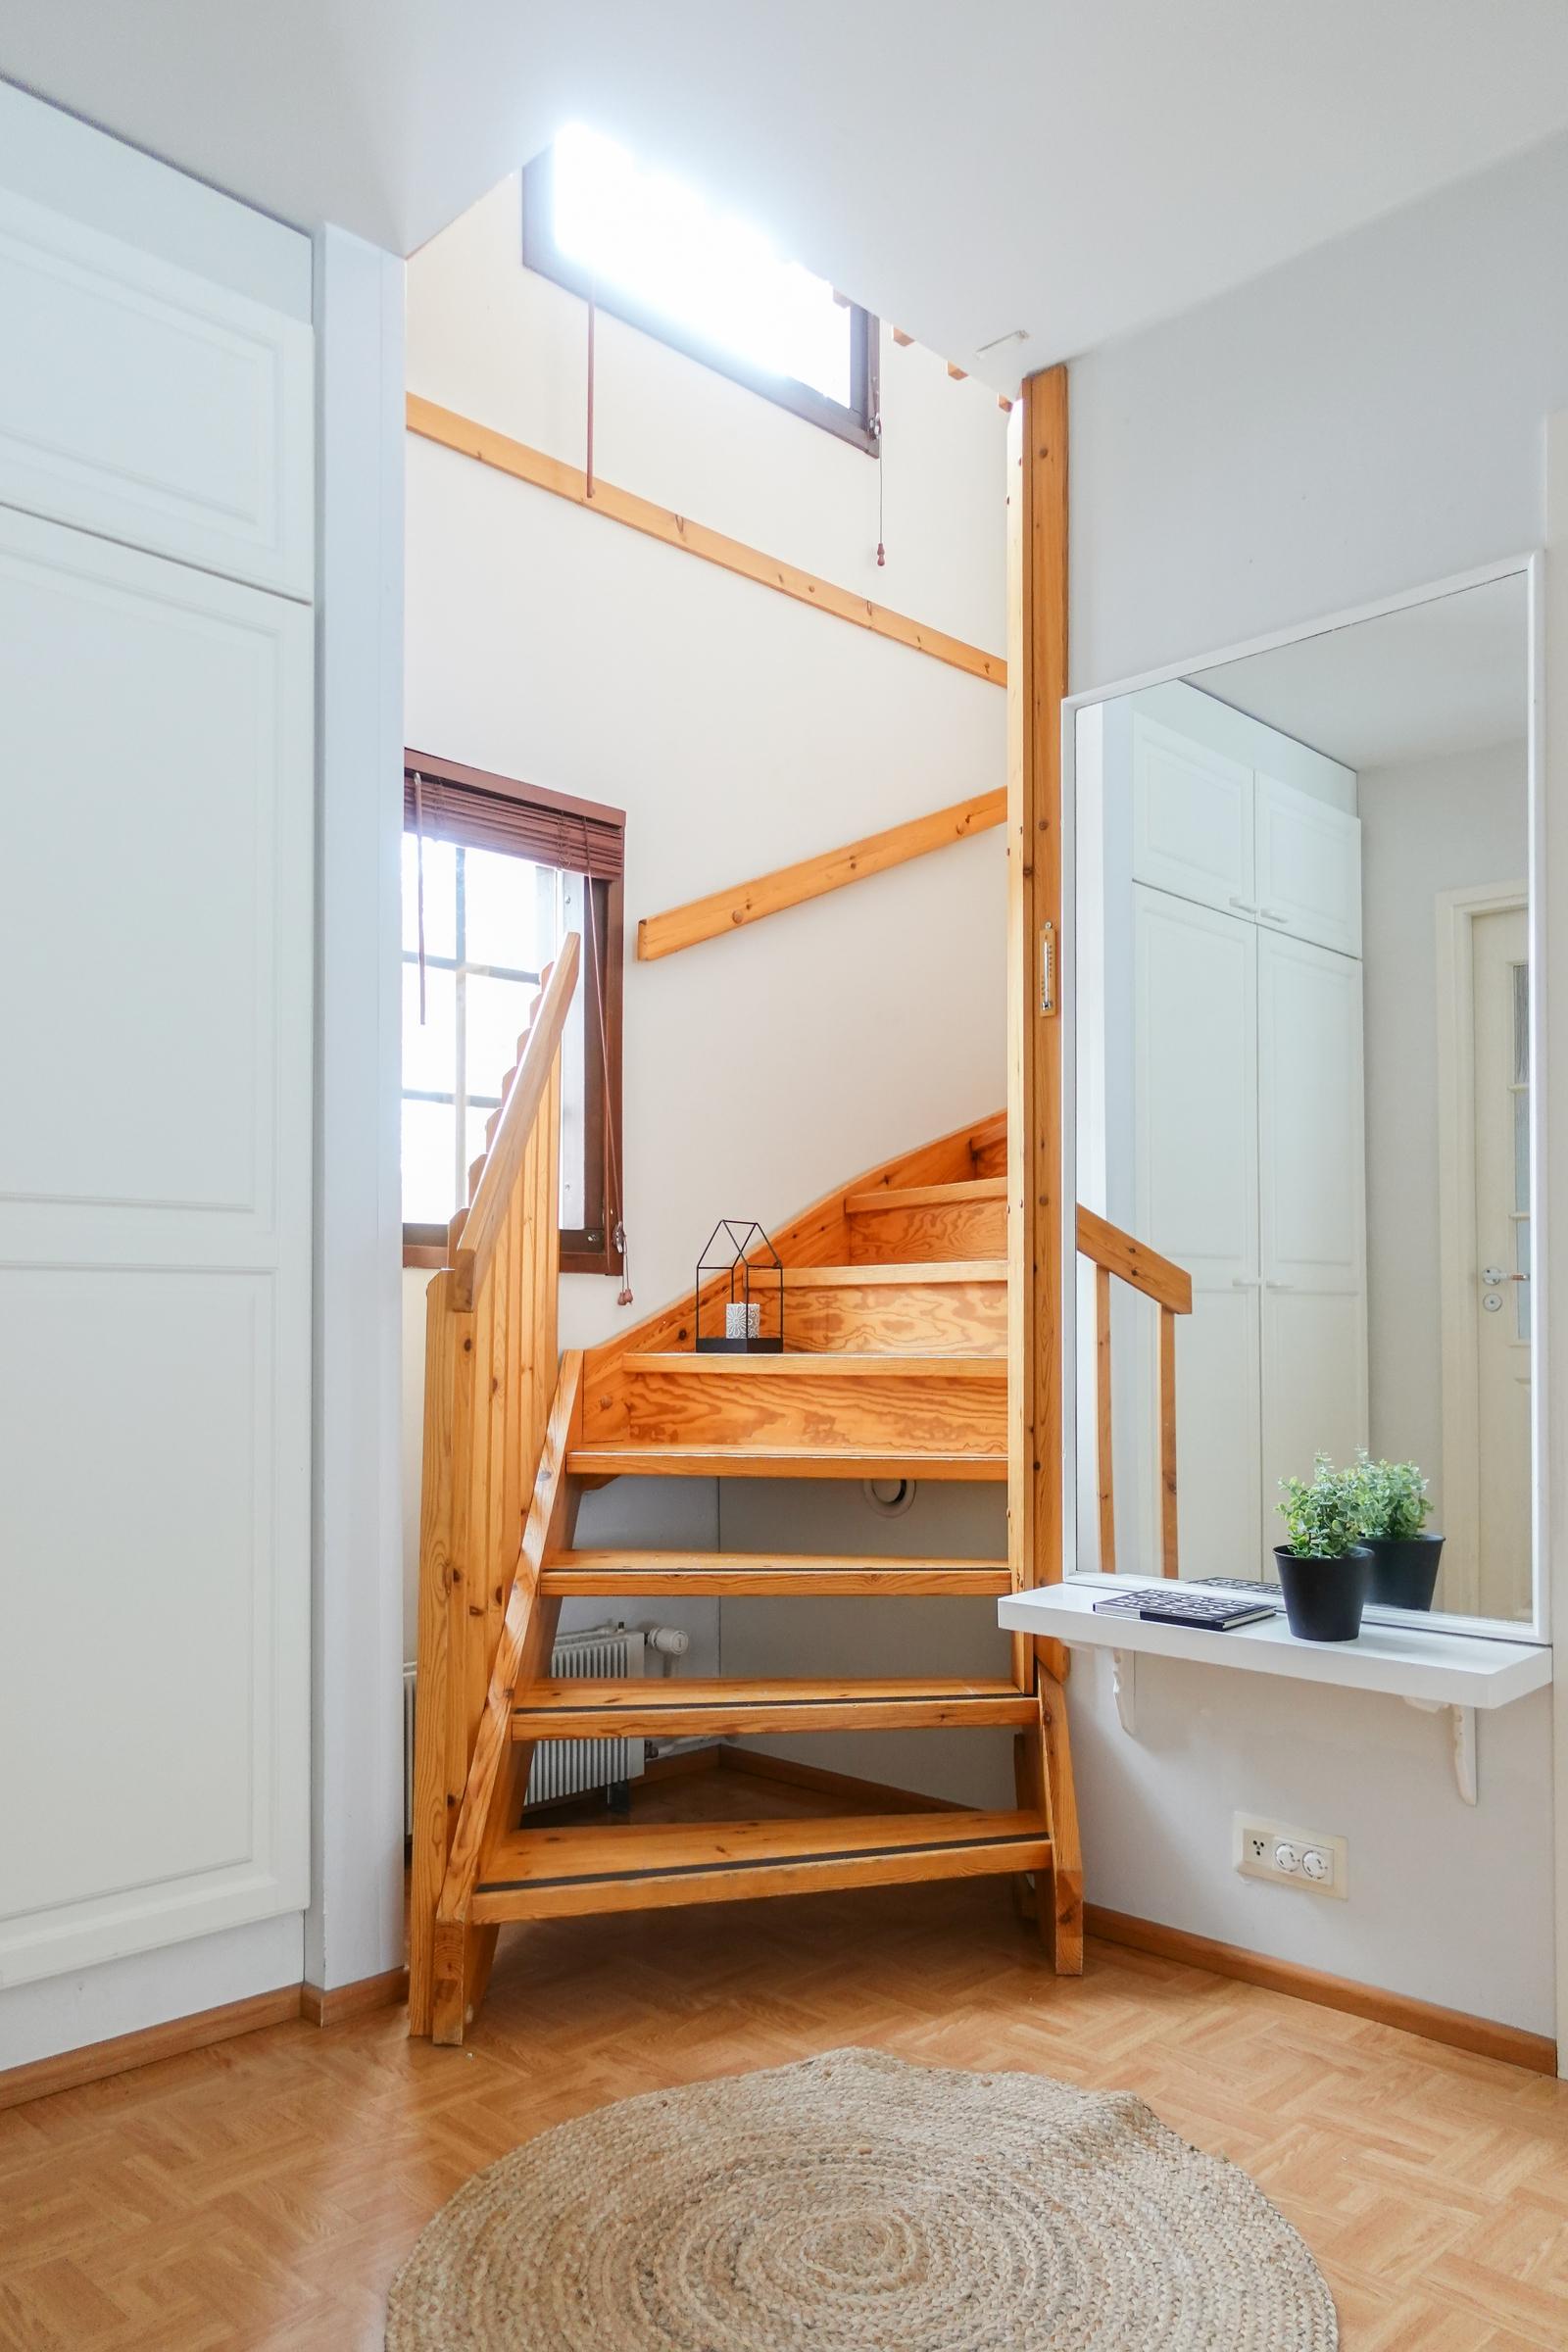 Yläkertaan vievässä portaikossa on näyttävät ikkunat